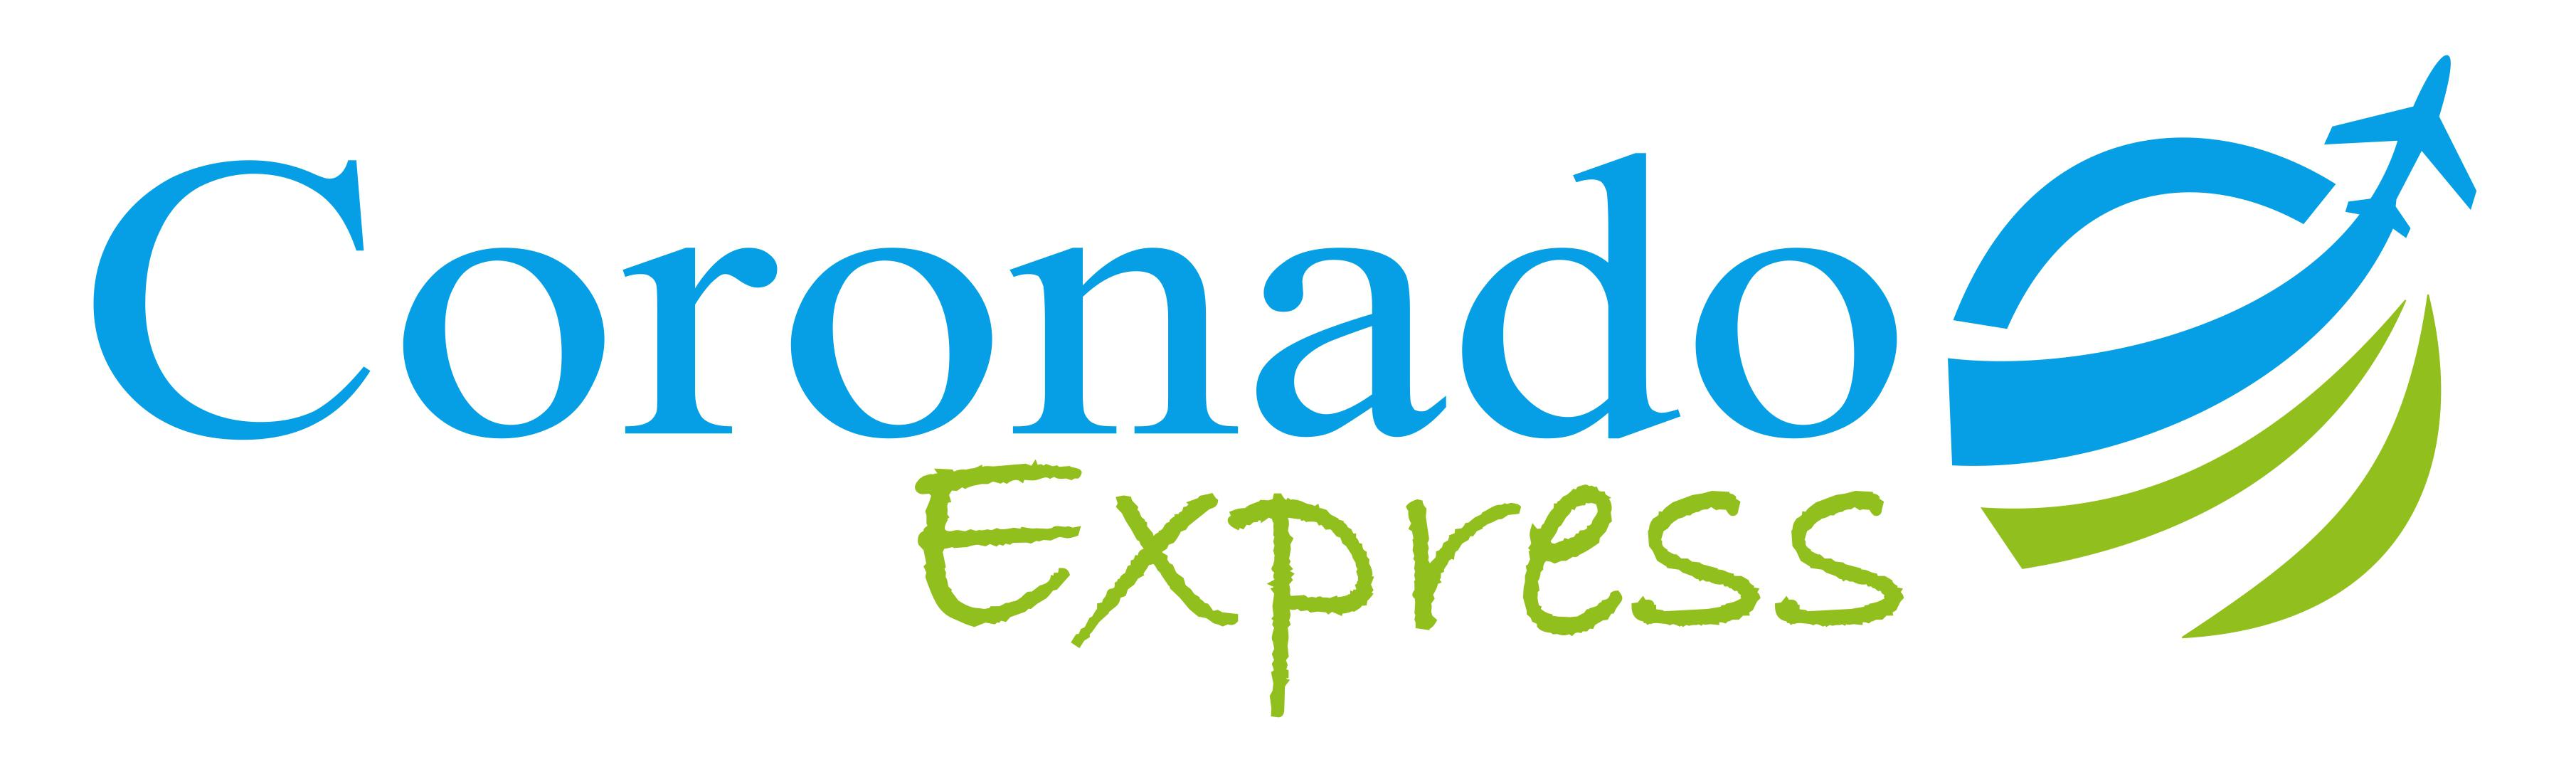 Coronado Express